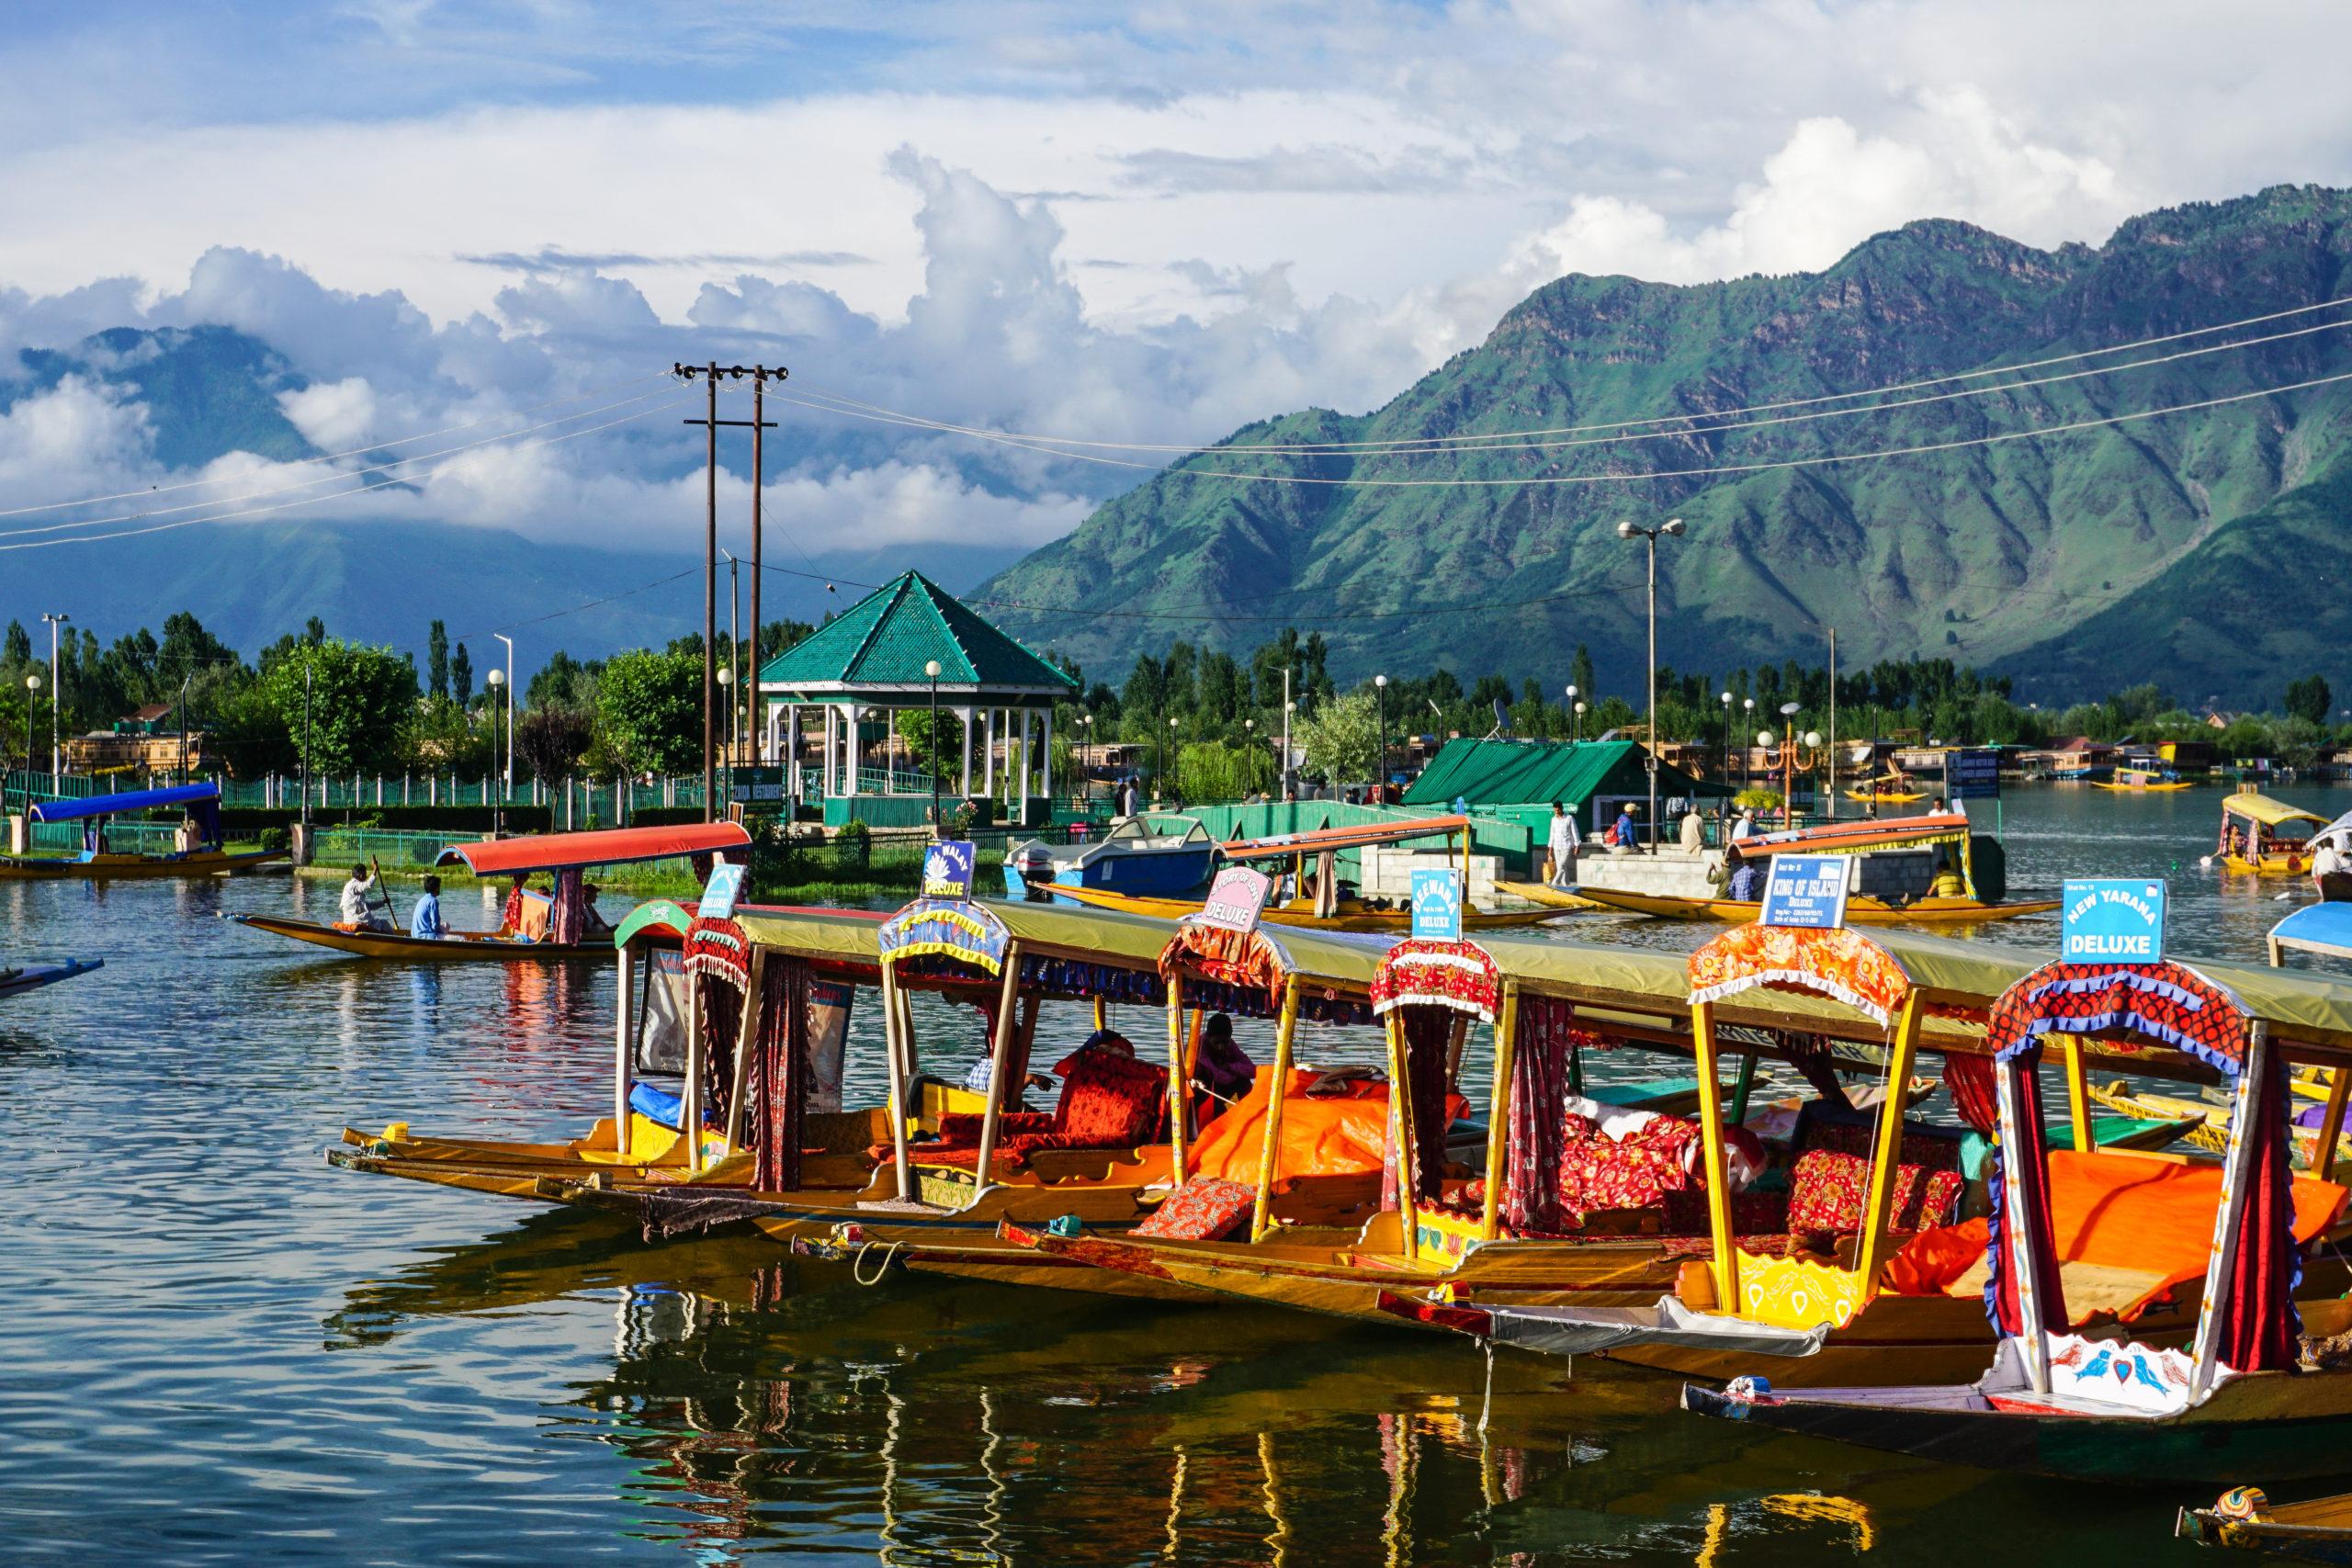 Dal Lake vid Srinagar i det natursköna Kashmir